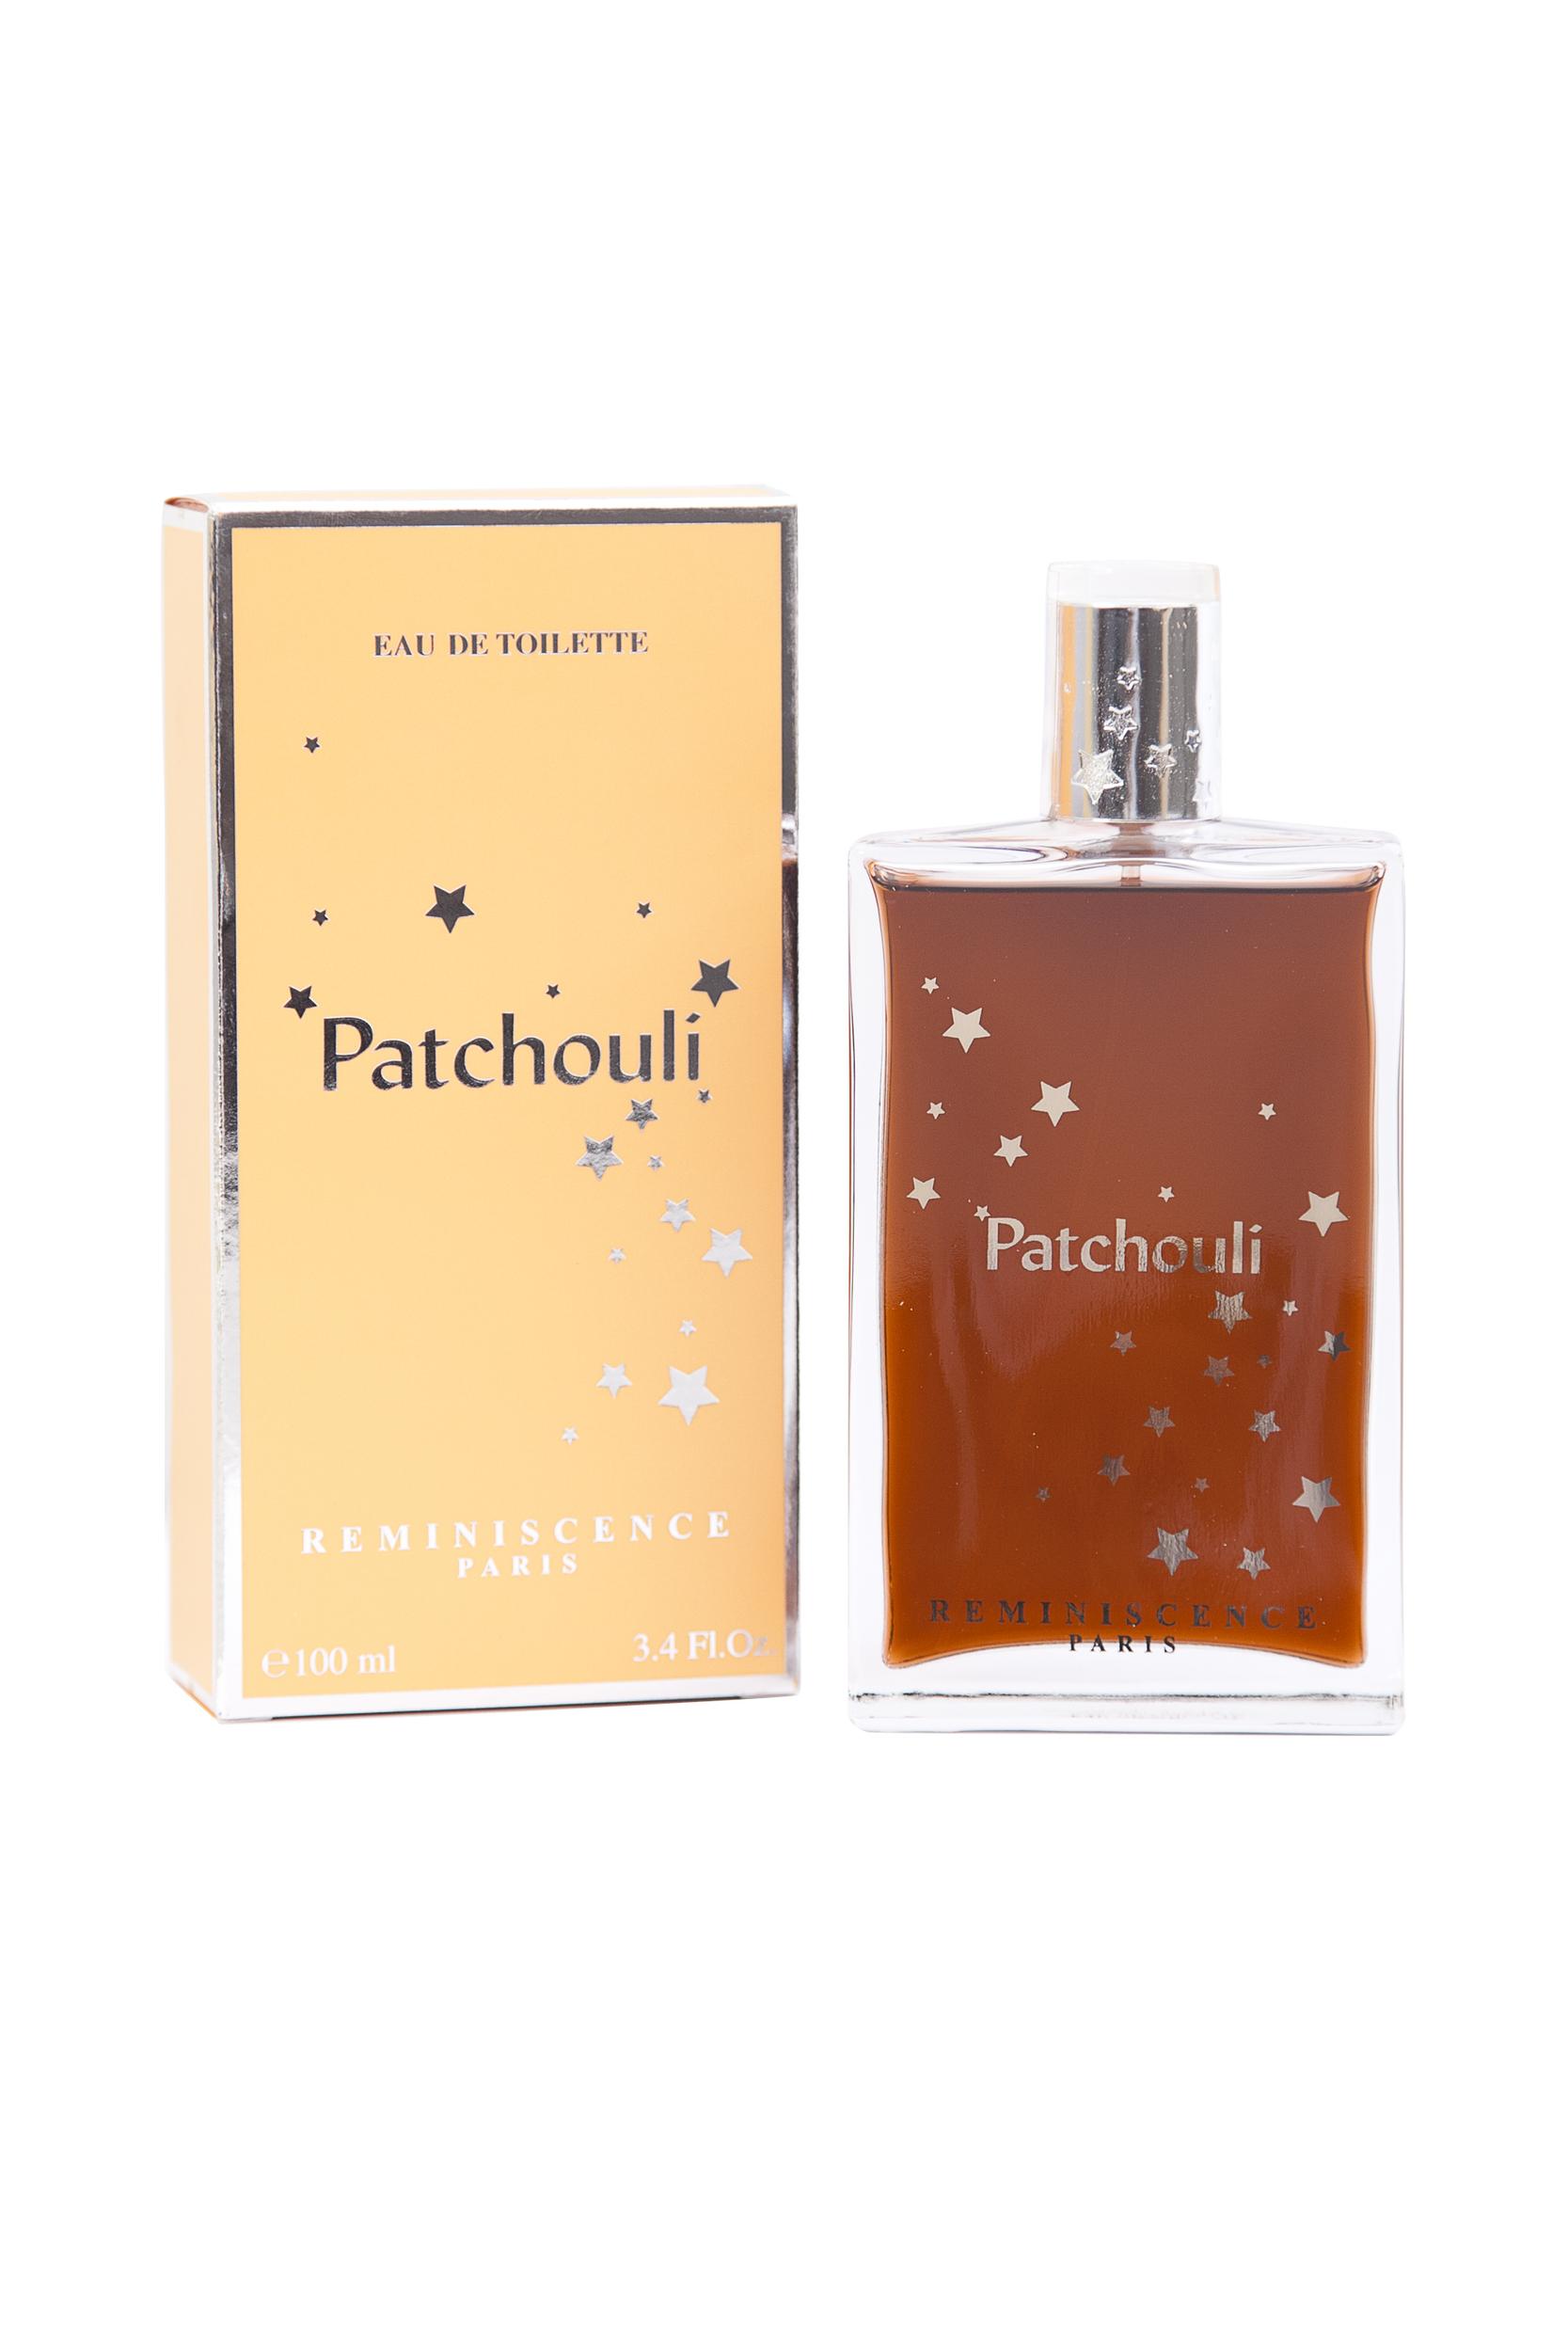 Eau Eau De Reminiscence De Patchouli Reminiscence Parfum KJcF1l